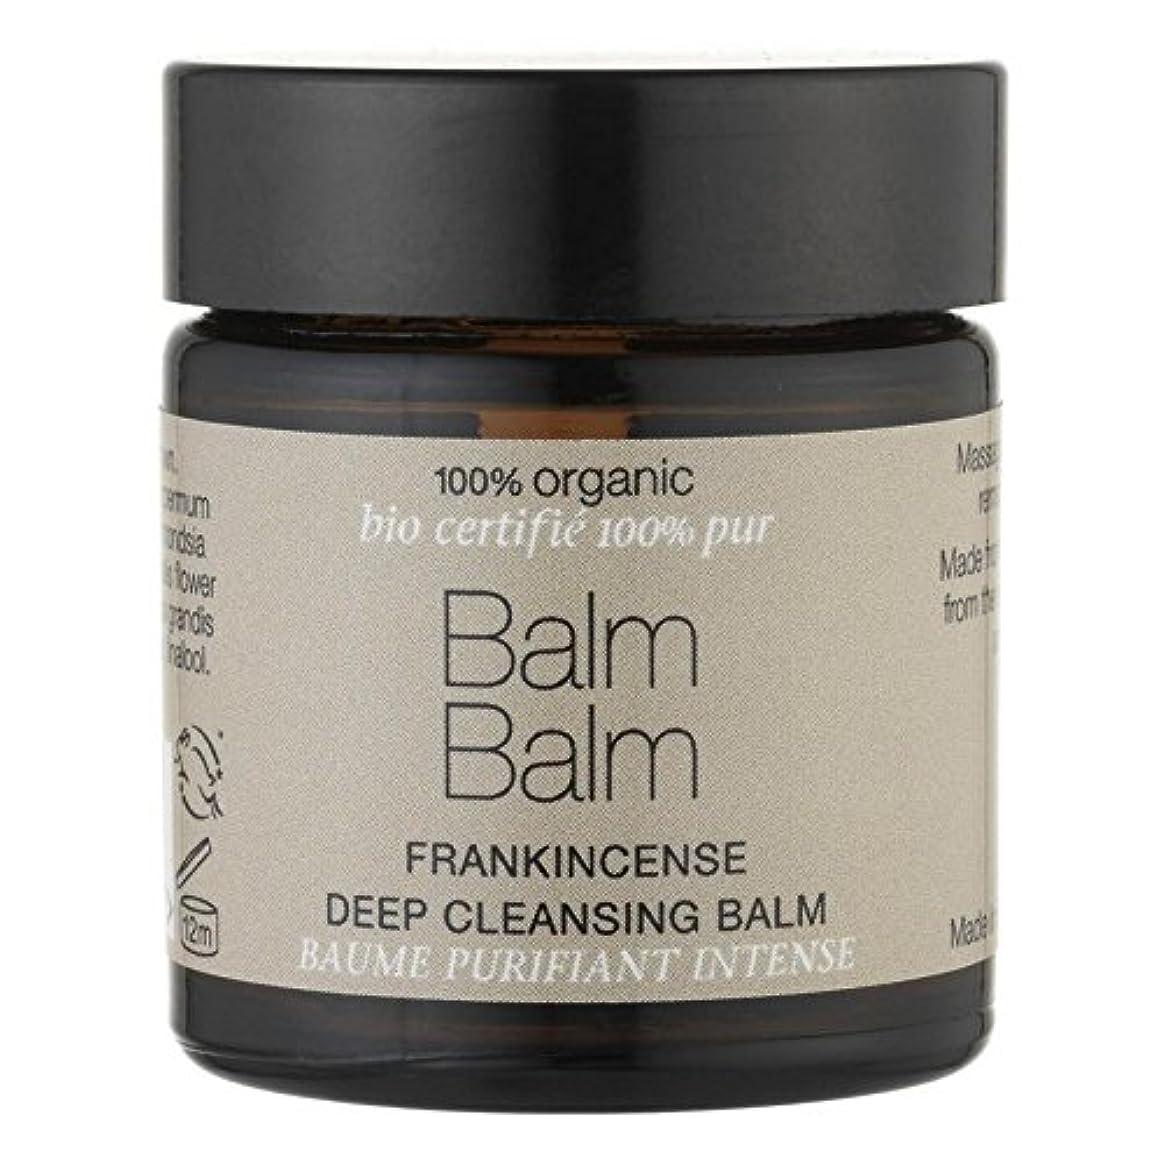 悪性のビルダーフライカイトBalm Balm Frankincense Organic Deep Cleansing Balm 30ml - バームバーム乳香有機ディープクレンジングクリーム30ミリリットル [並行輸入品]